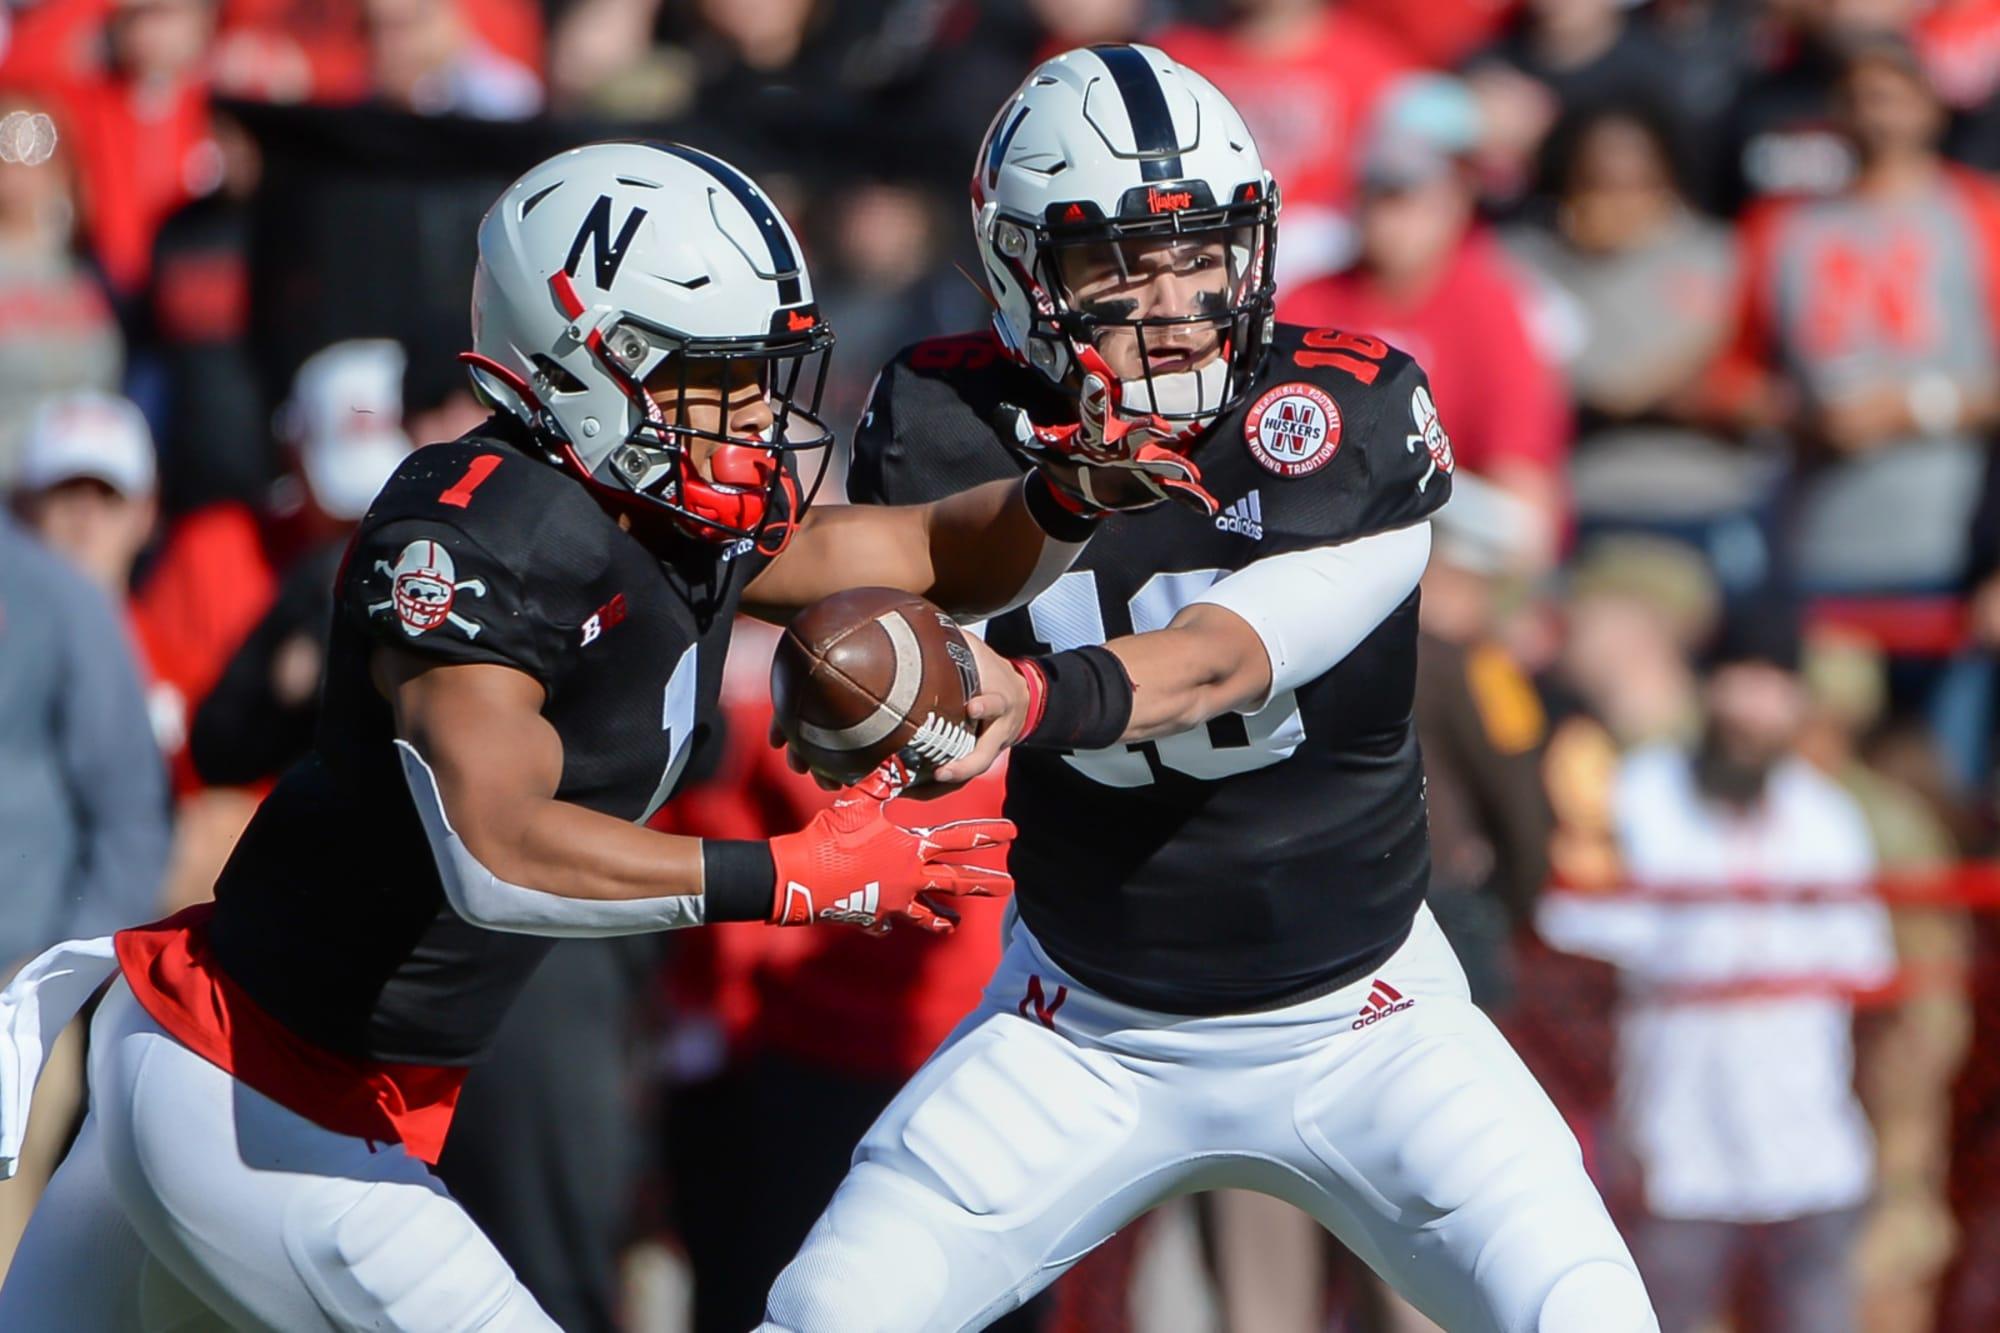 Rutgers Football Lands Grad Transfer QB Noah Vedral